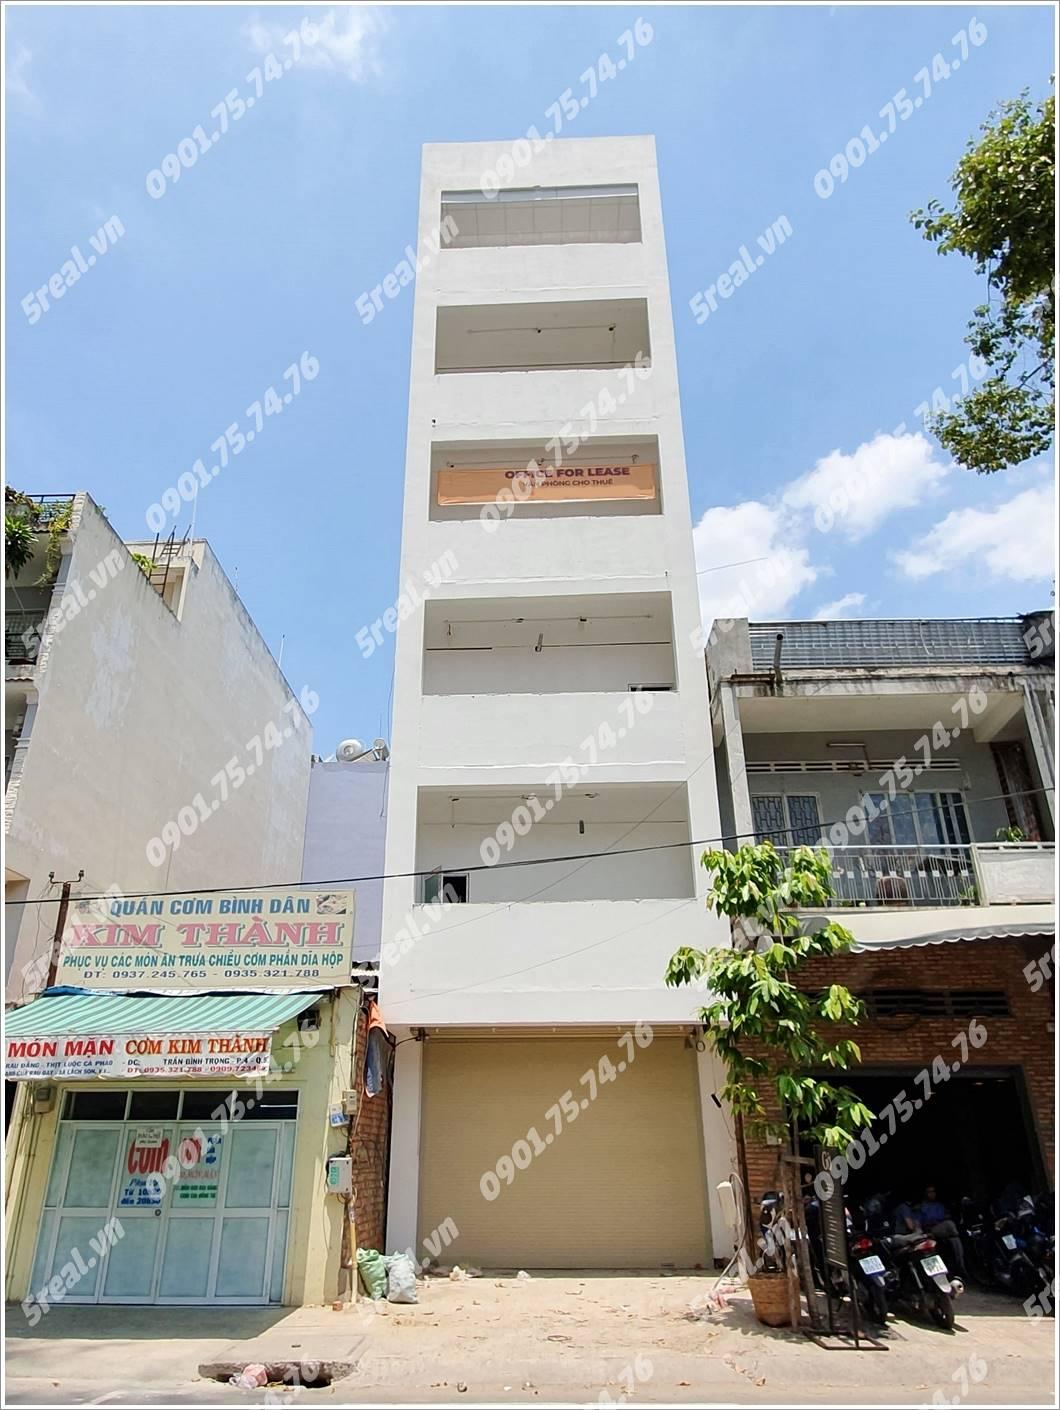 building-261-tran-binh-trong-quan-5-van-phong-cho-thue-tphcm-5real.vn-01